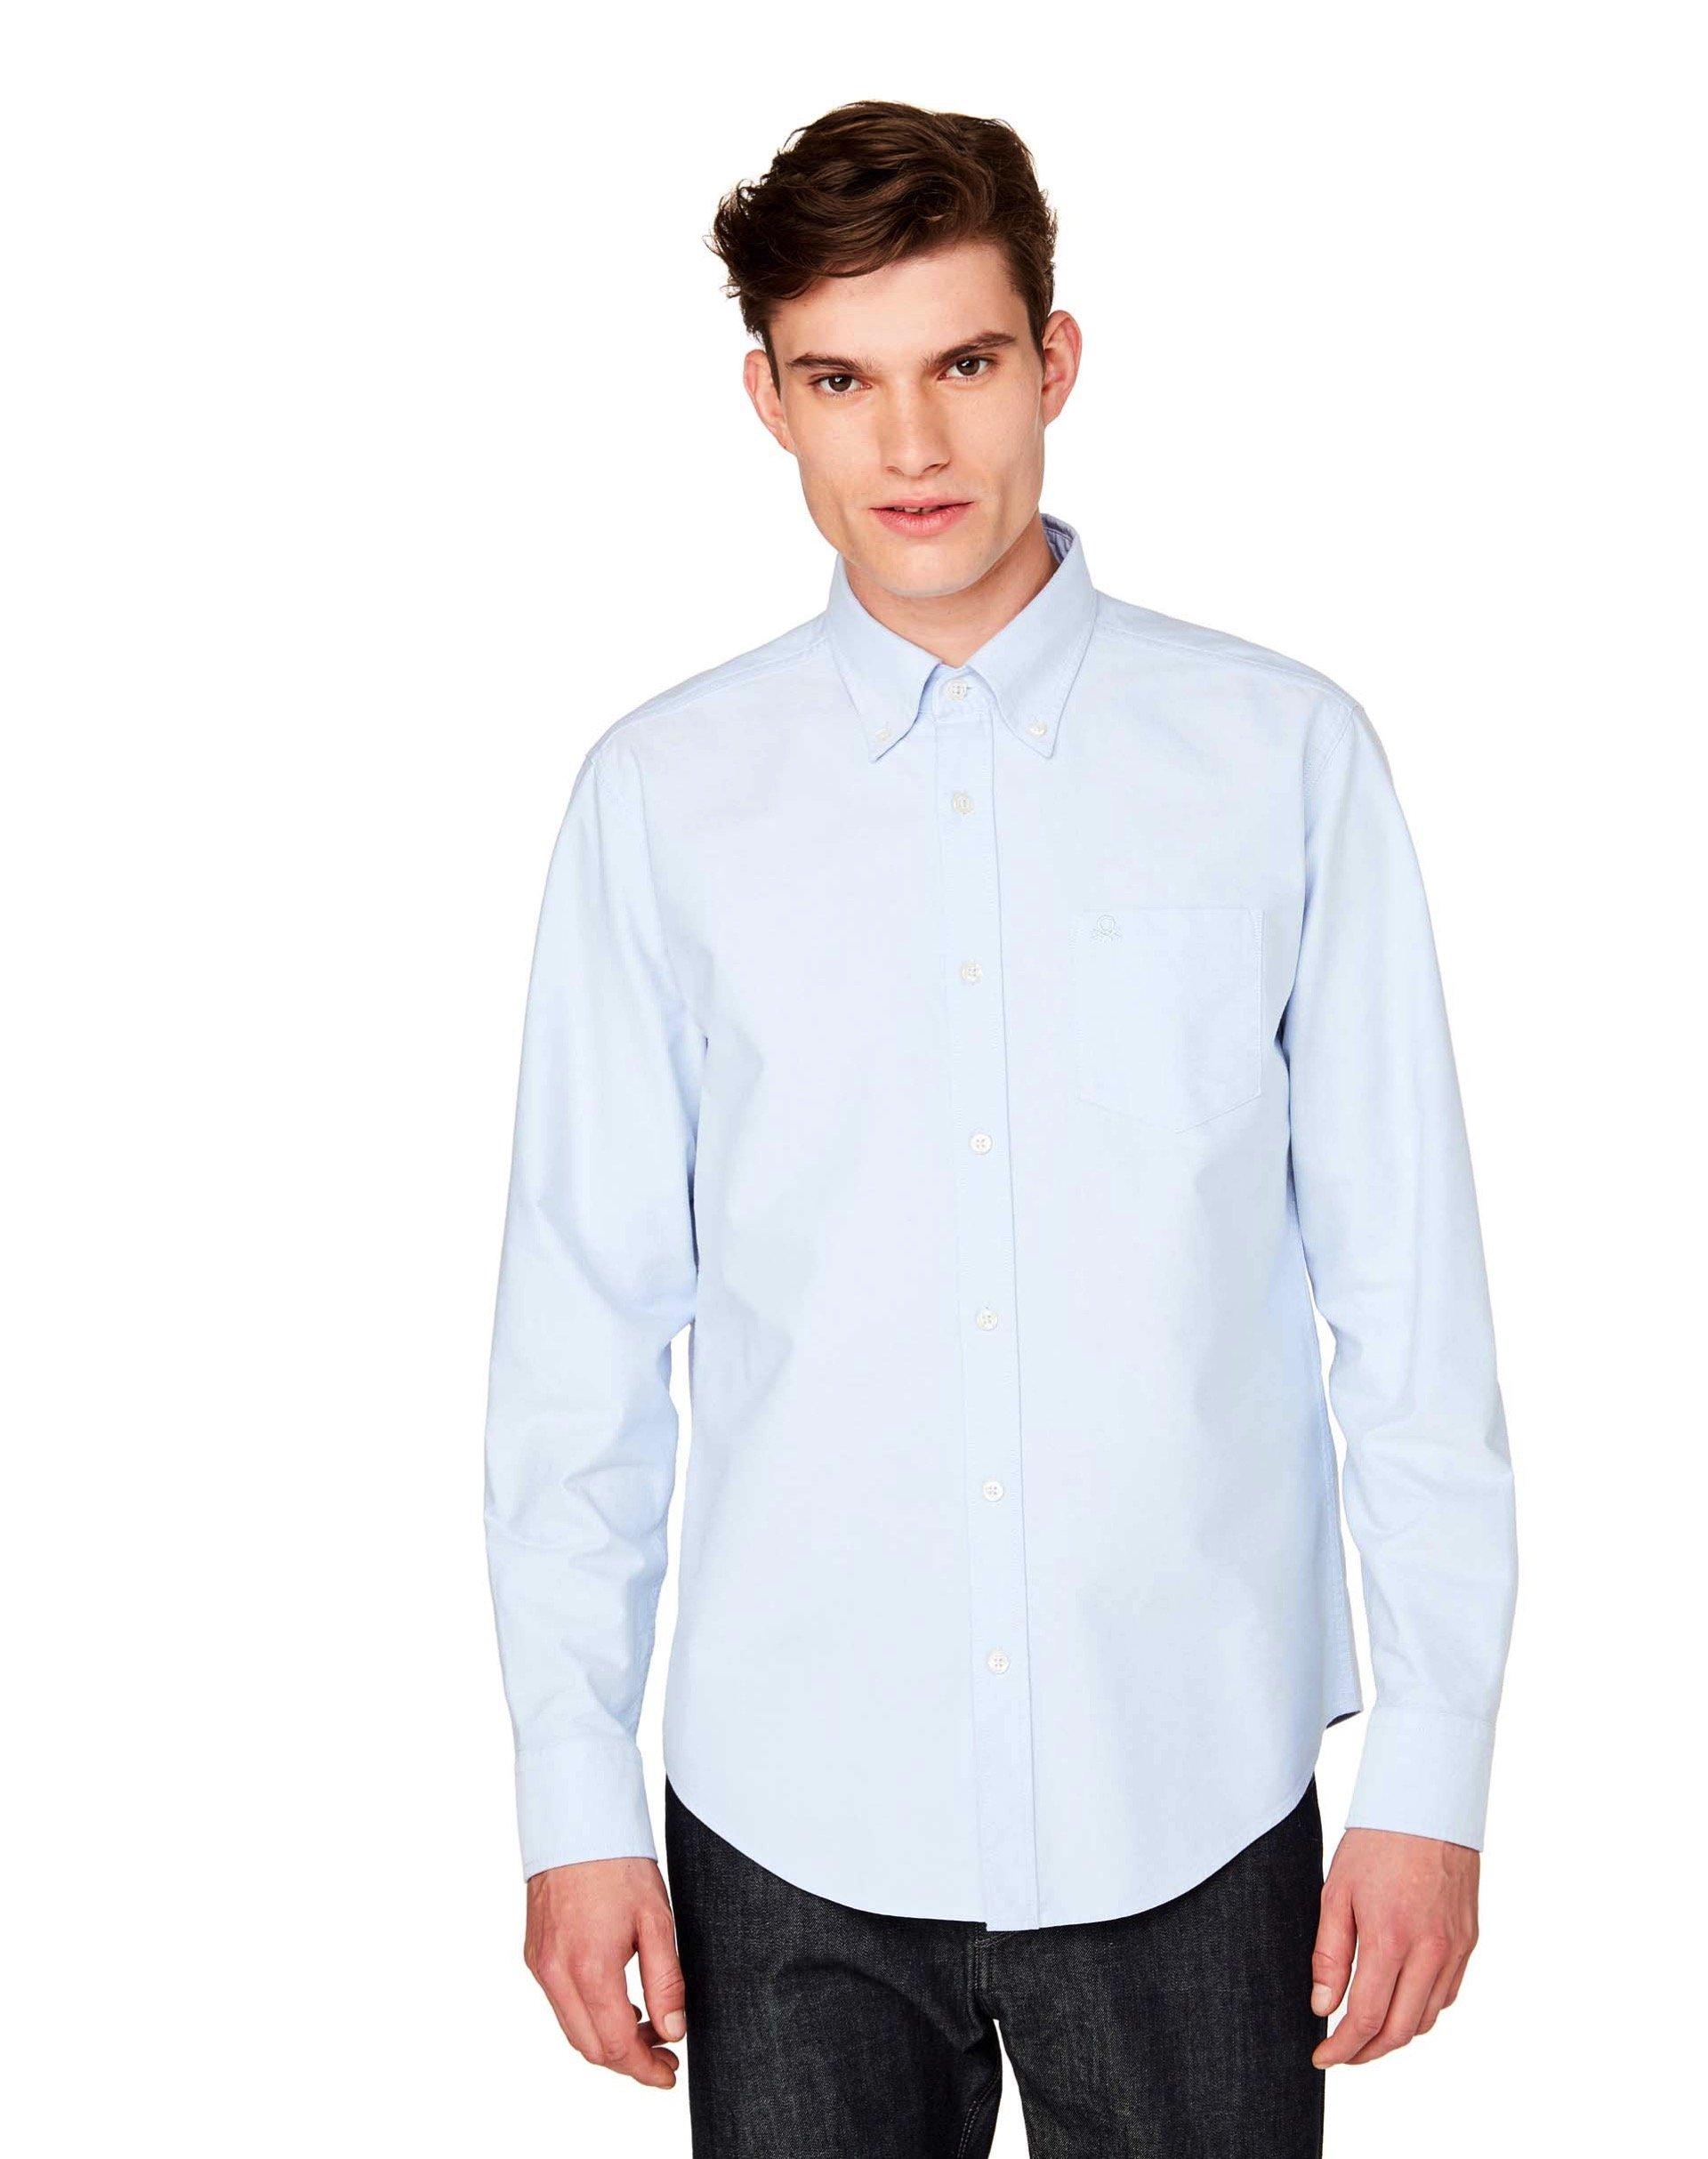 РубашкаКлассические<br>Рубашка с длинным рукавом из 100% хлопка Оксфорд, с итальянским воротничком и застежкой на пуговицы. Вышитый логотип Benetton на кармашке слева на груди, округленный низ и кокетка сзади. Посадка регулар.<br>Цвет: Голубой; Размер: S;